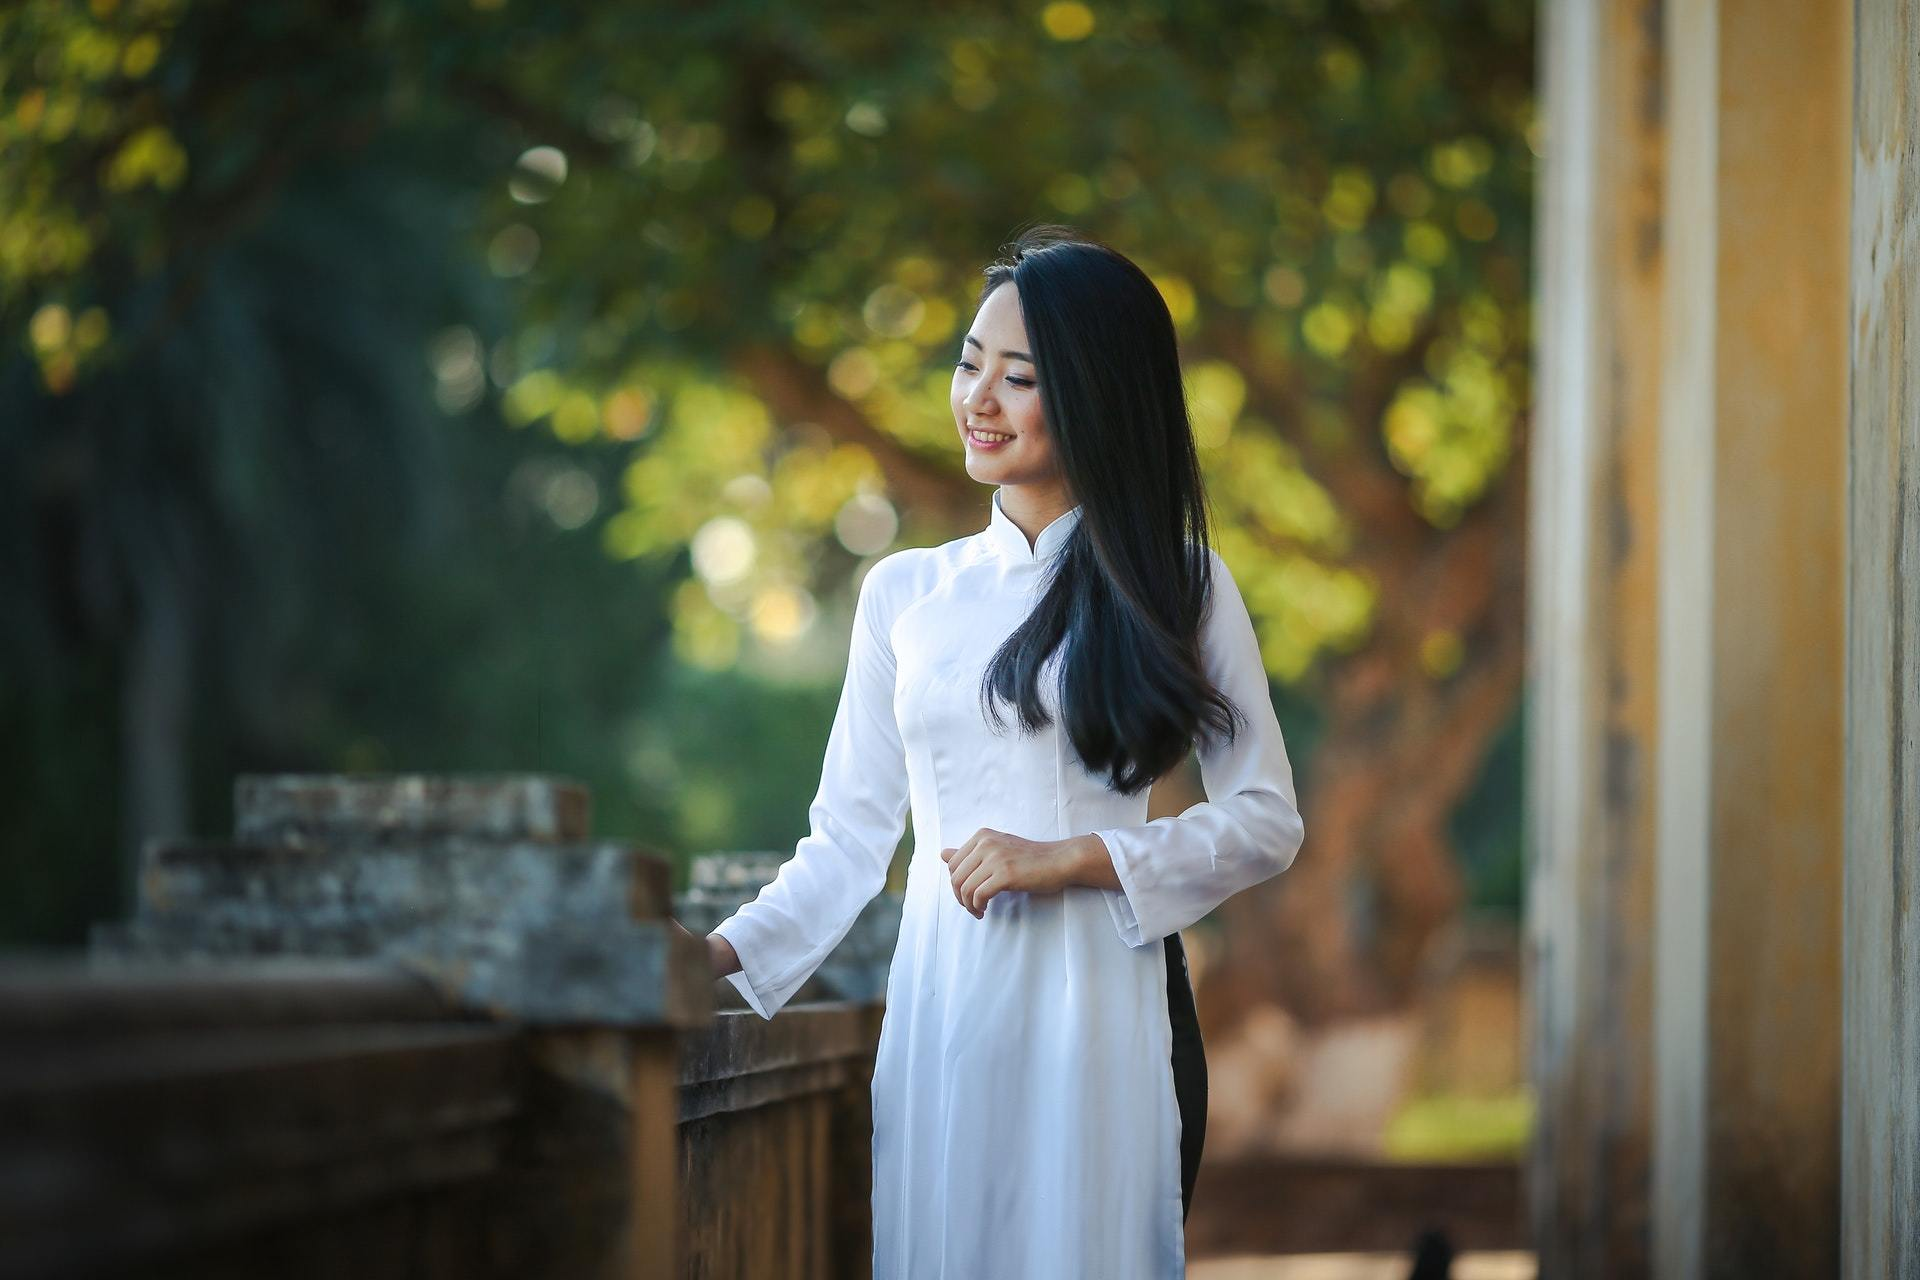 Asian schoonheden dating site beoordelingen dating in China Douane